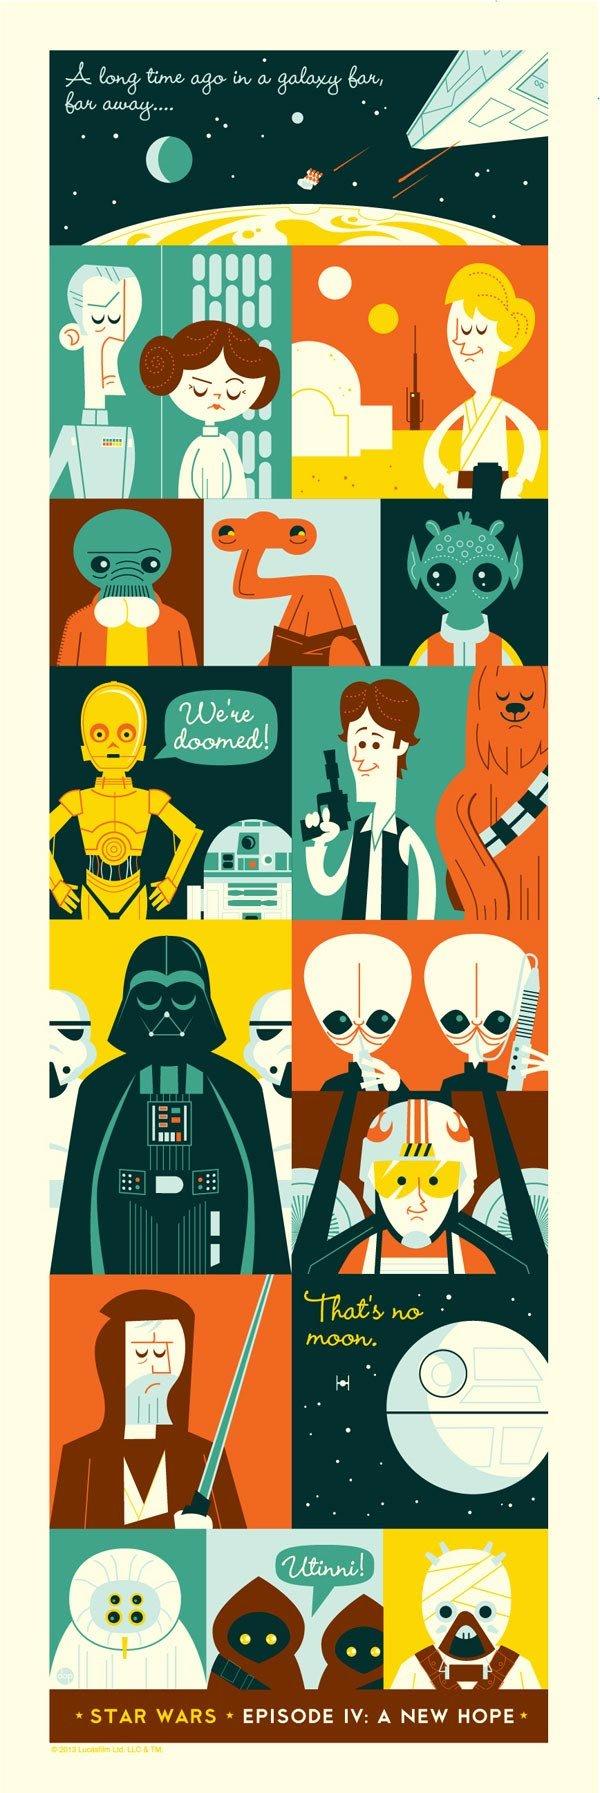 Star Wars poster design